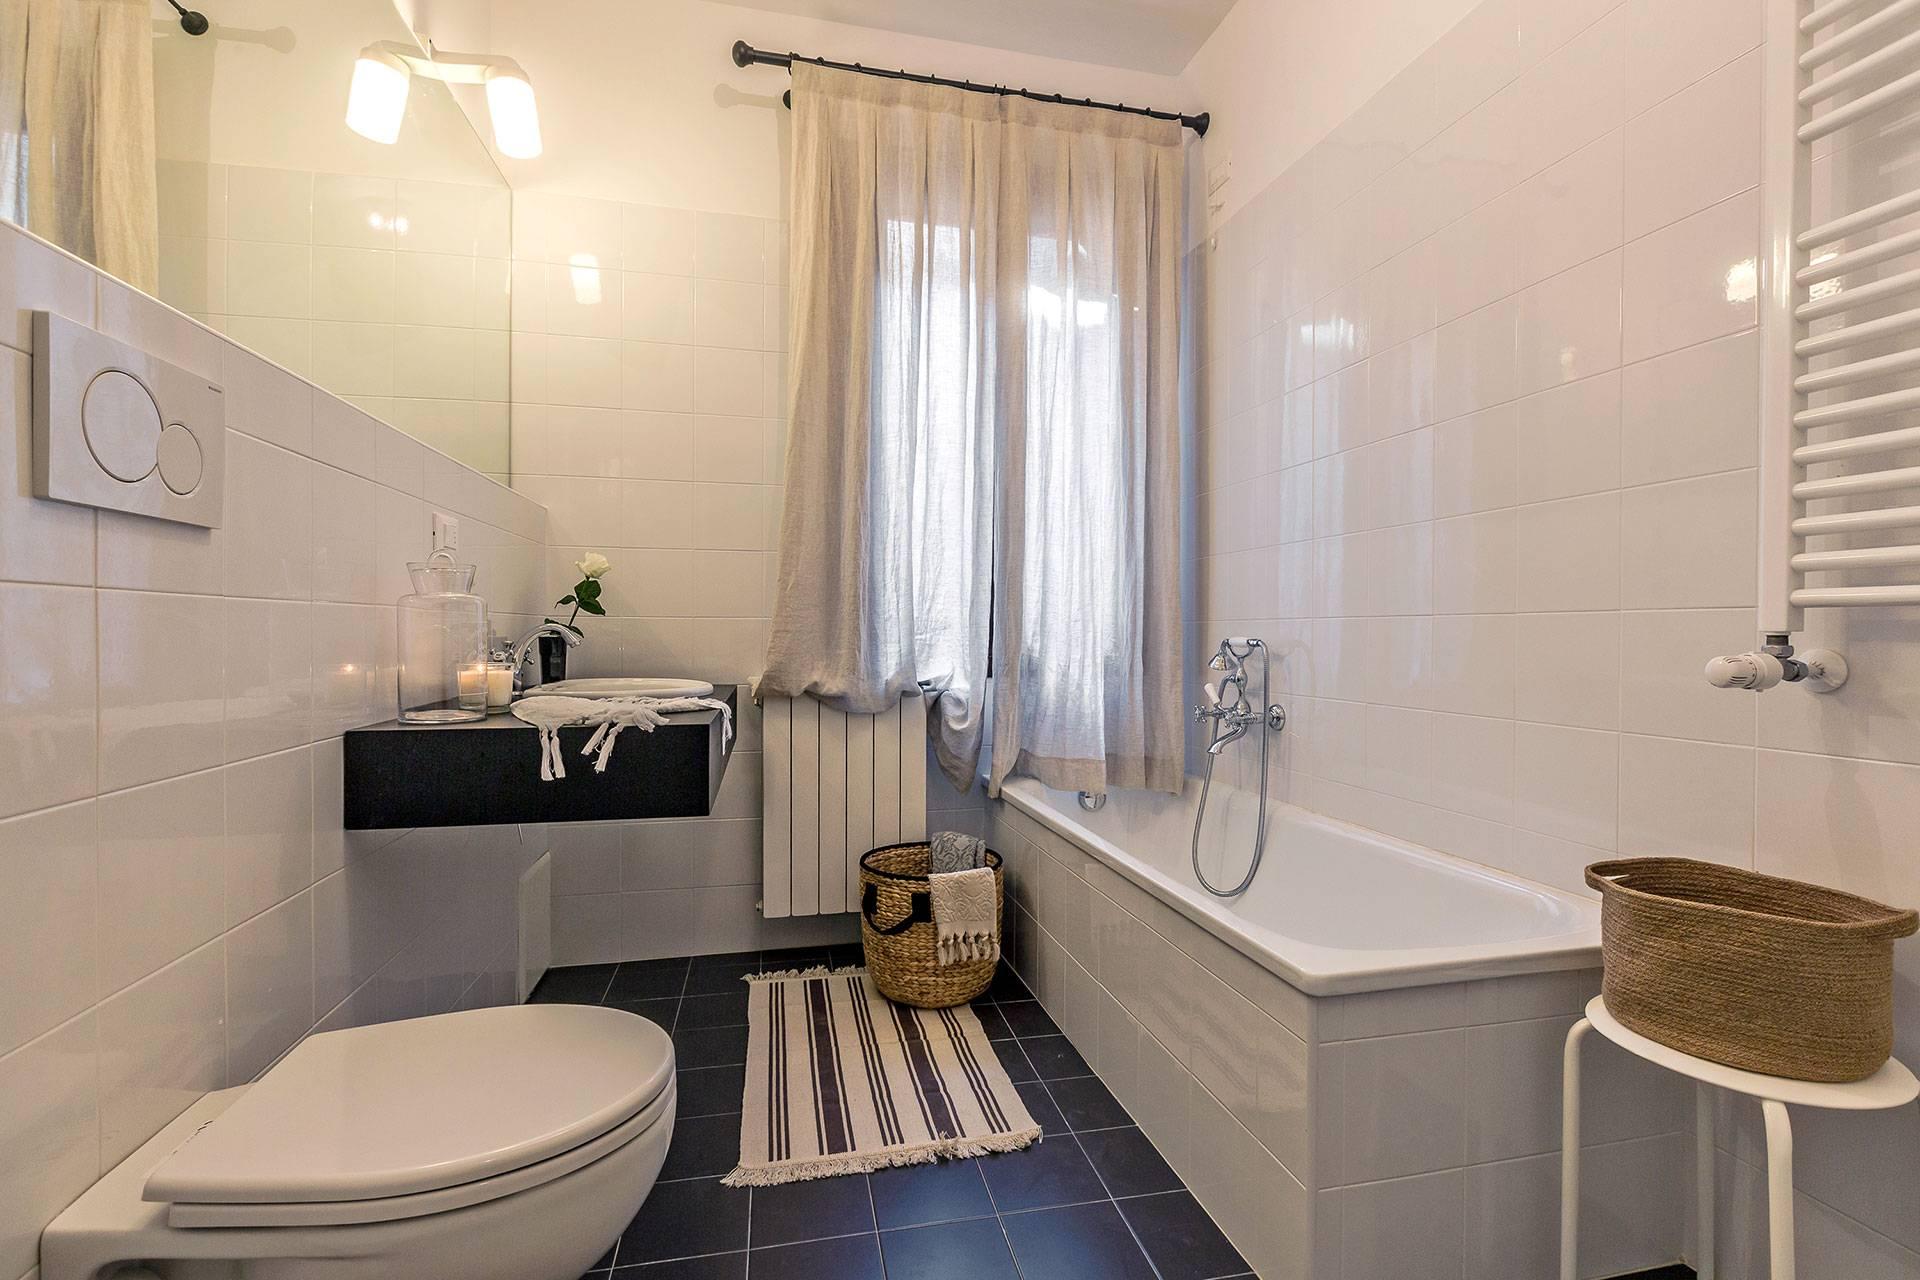 spacious bathroom 1 with bathtub